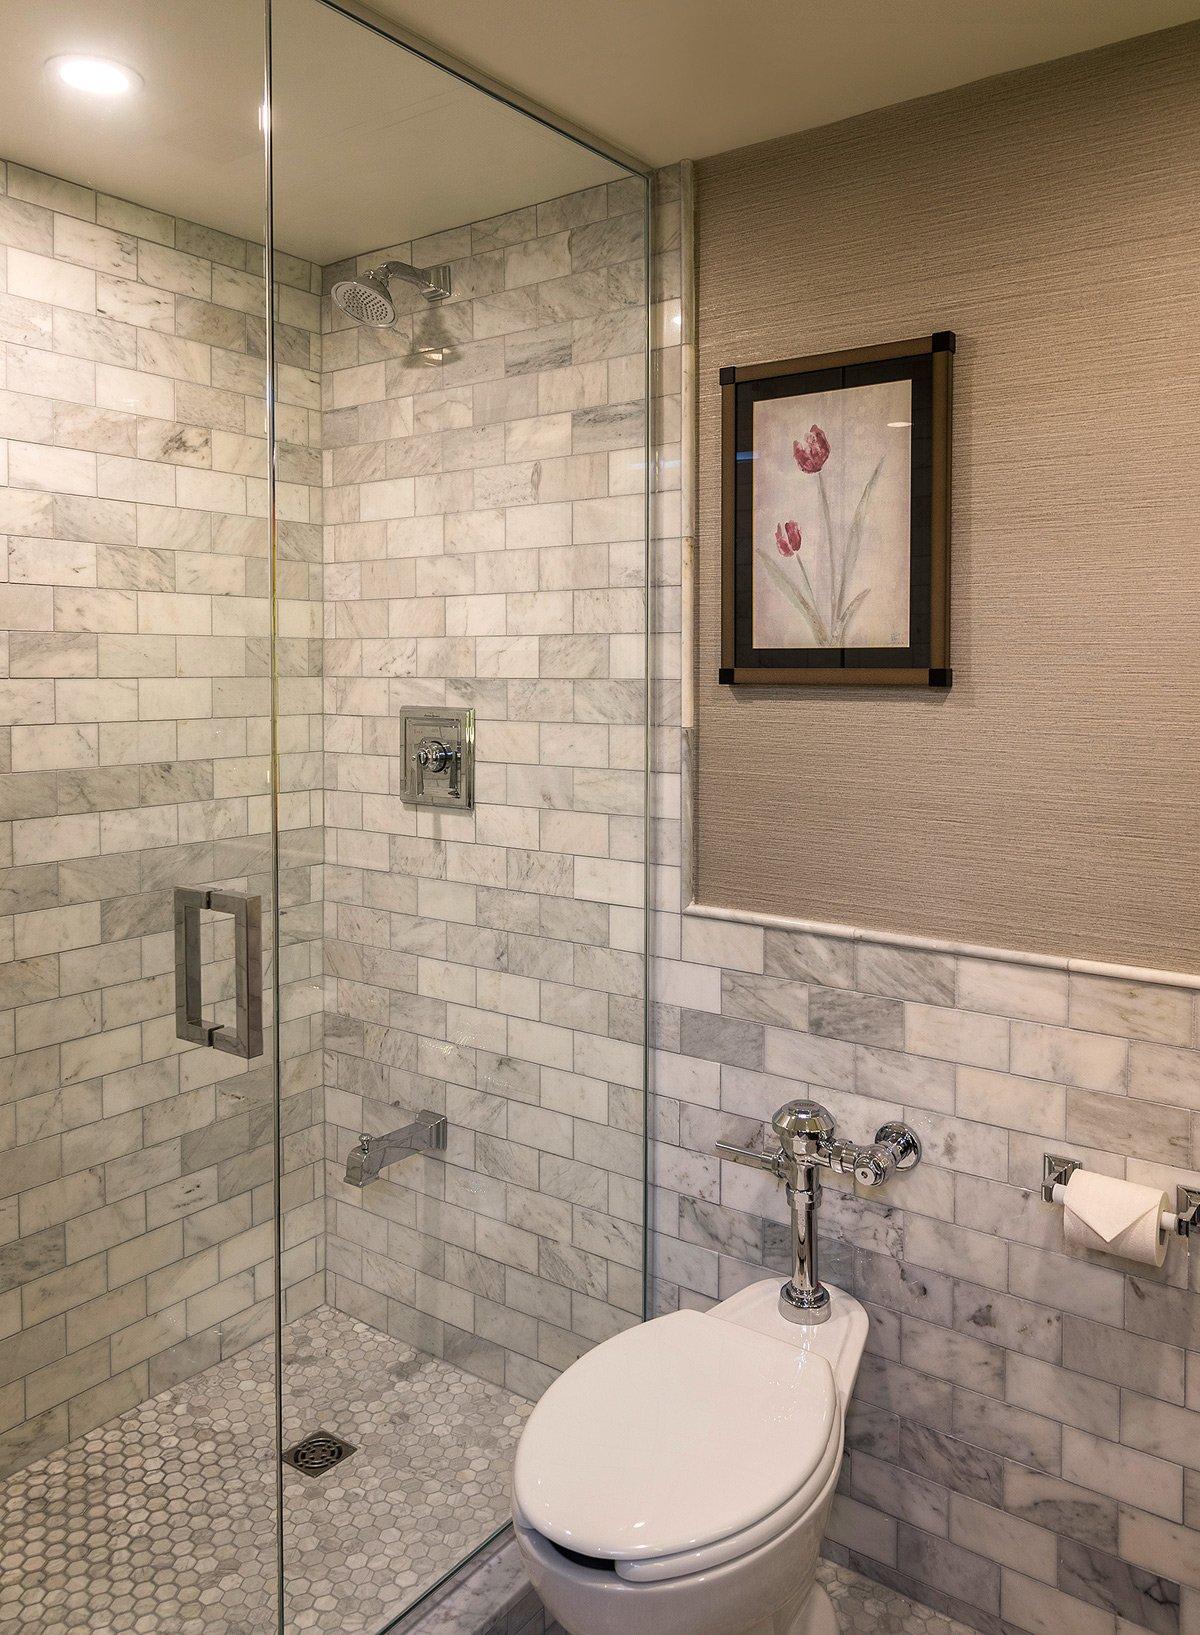 Hôtel Lord Elgin - Chambre de bain